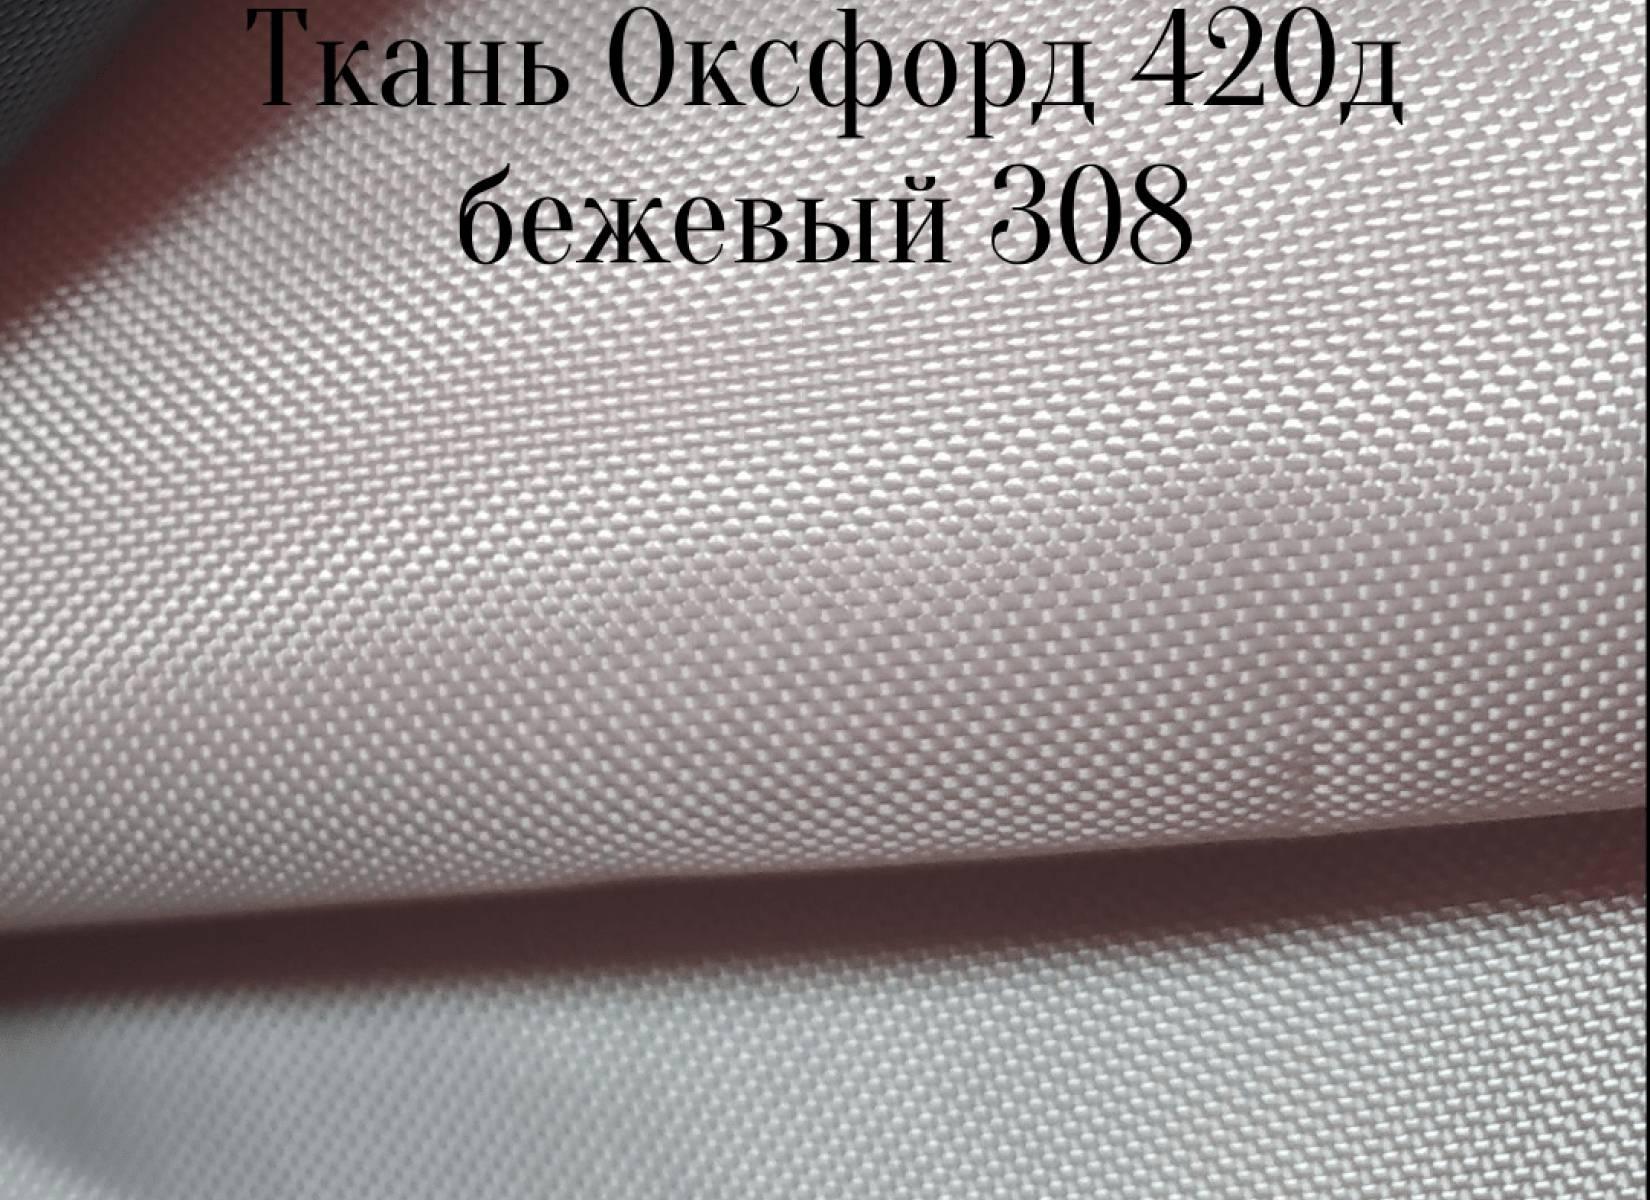 420д ПУ - бежевый 308